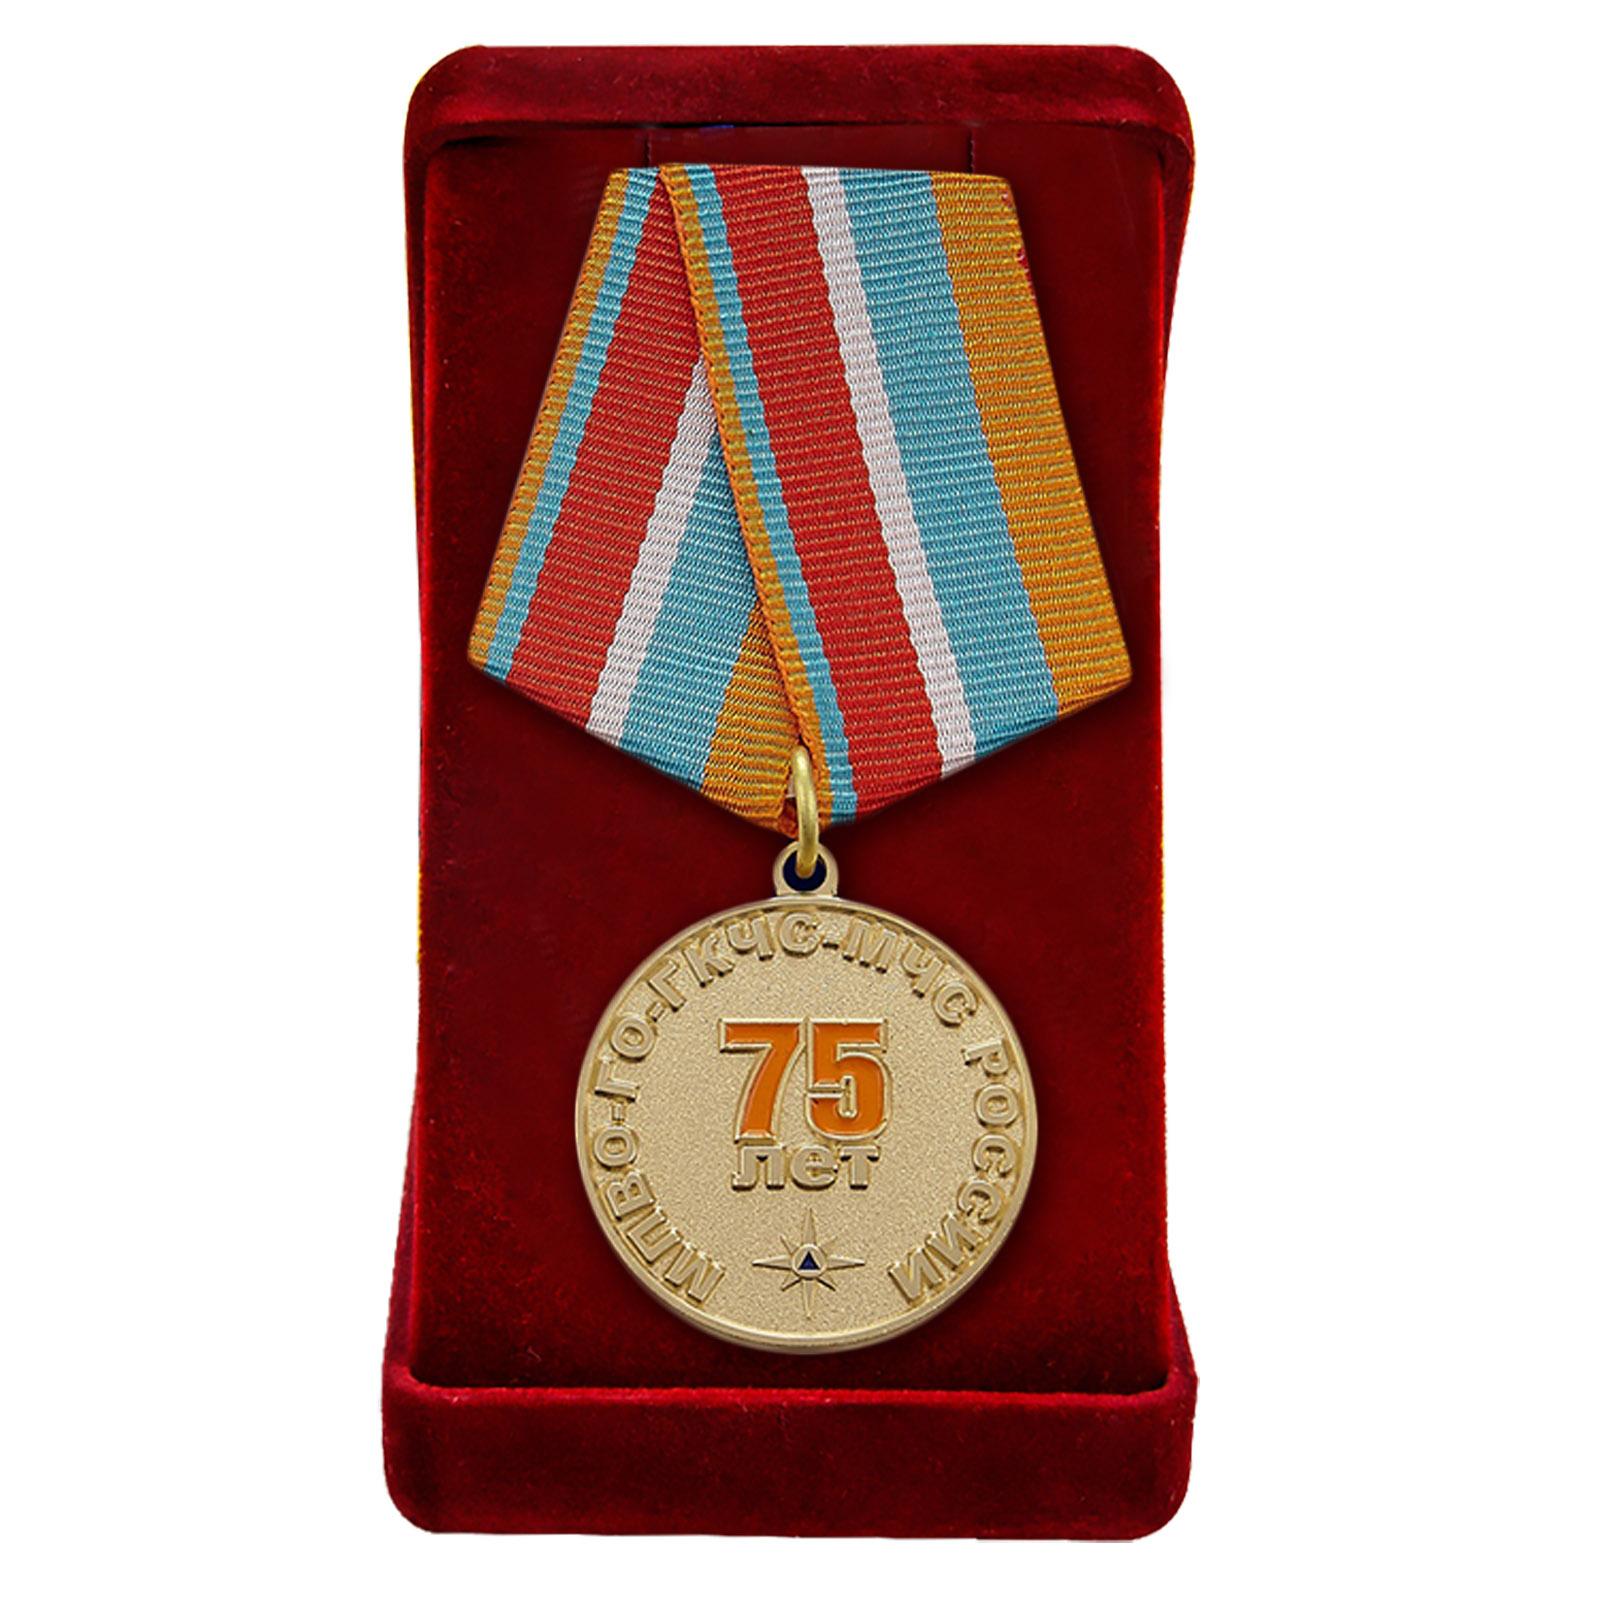 """Купить памятную медаль """"Гражданской обороне МЧС 75 лет"""" по лучшей цене"""